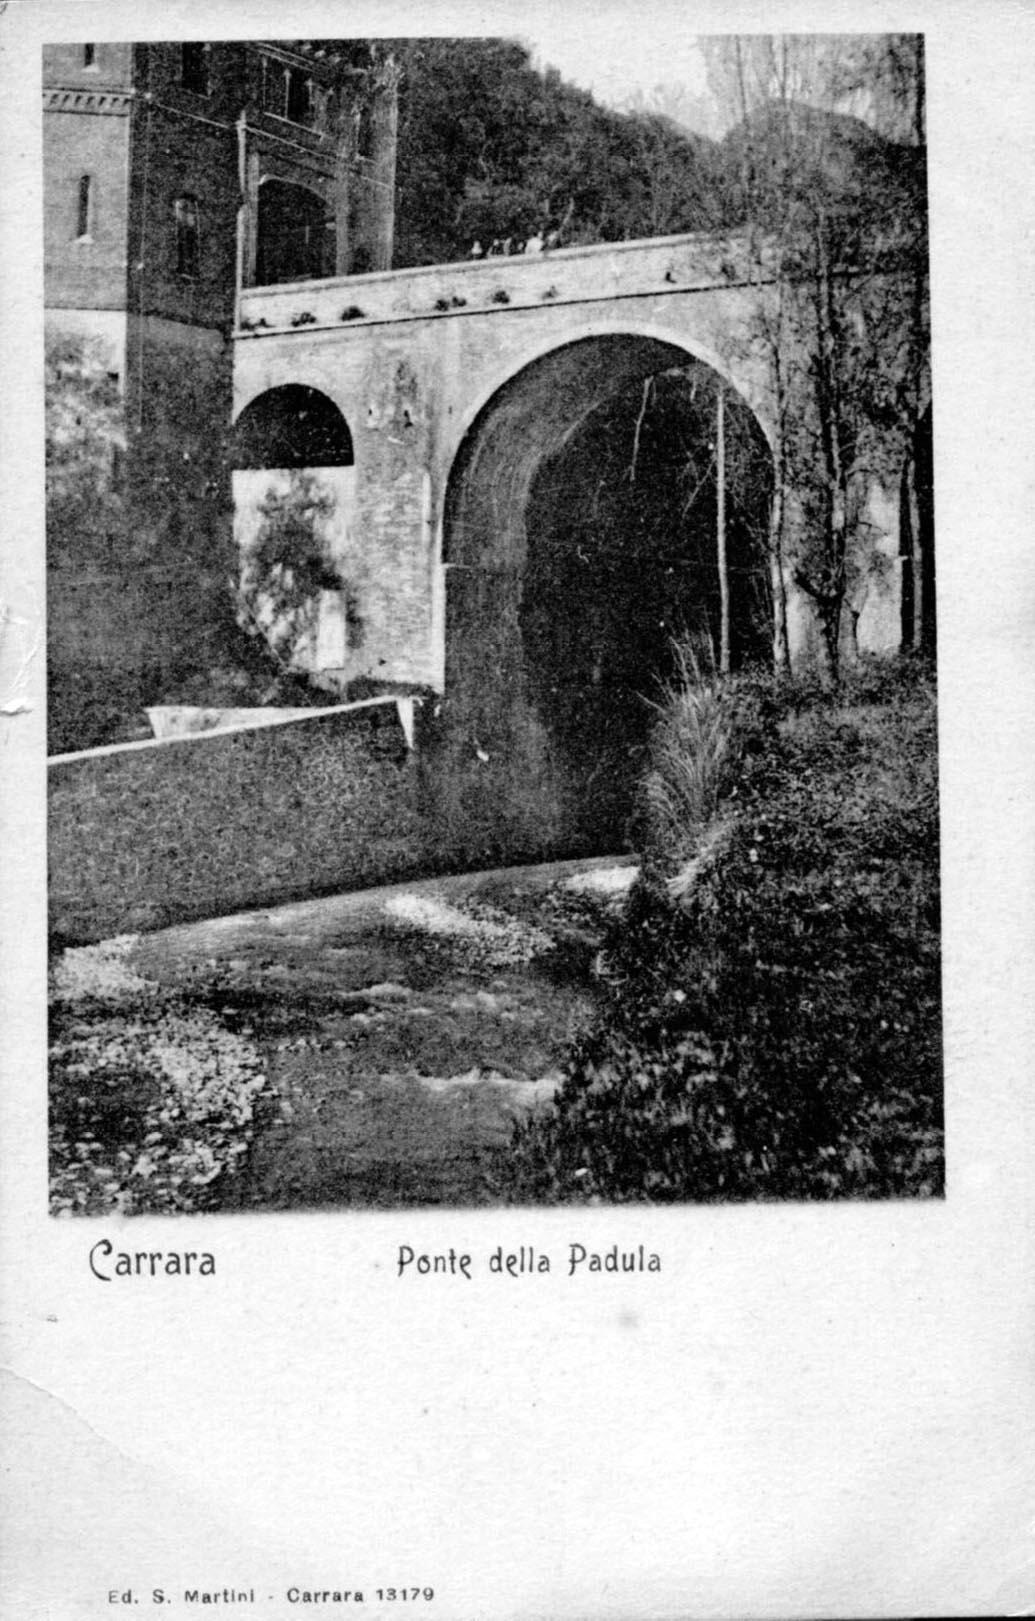 co ponte della padula